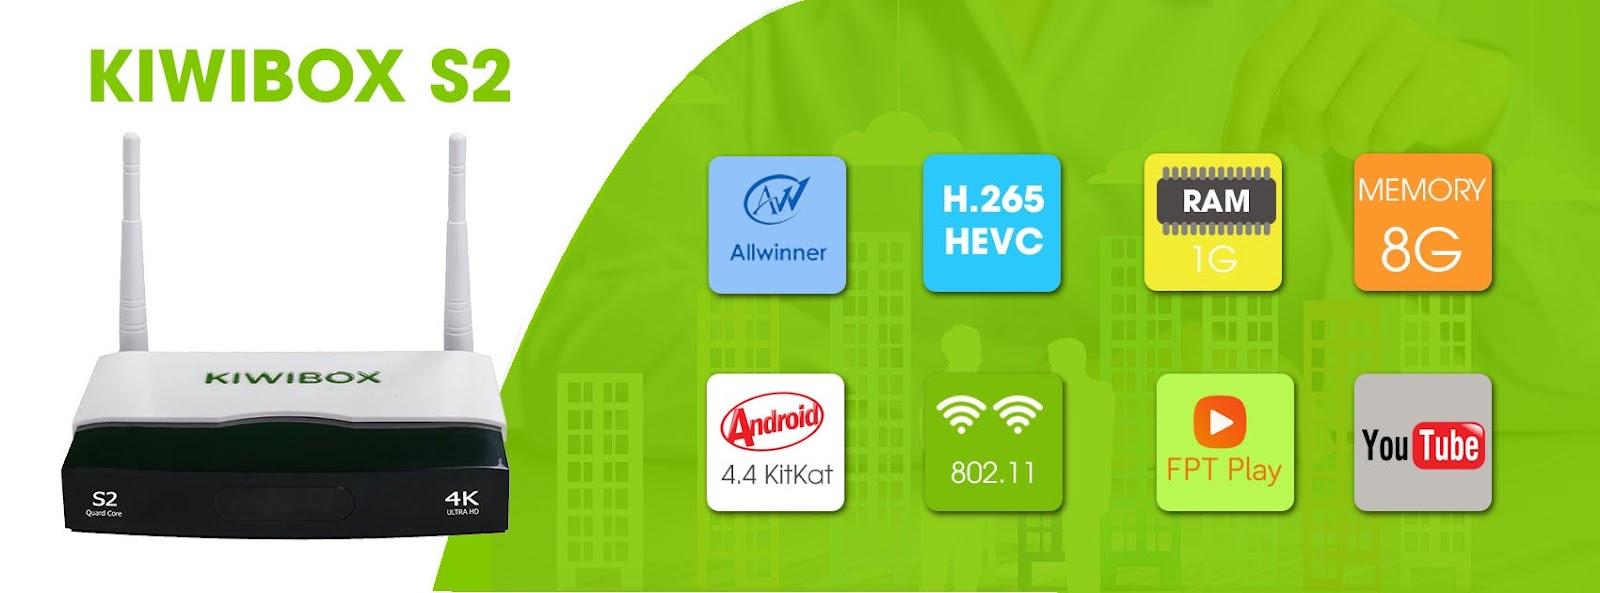 Kiwibox S2 - Android Tivi Box chính hãng